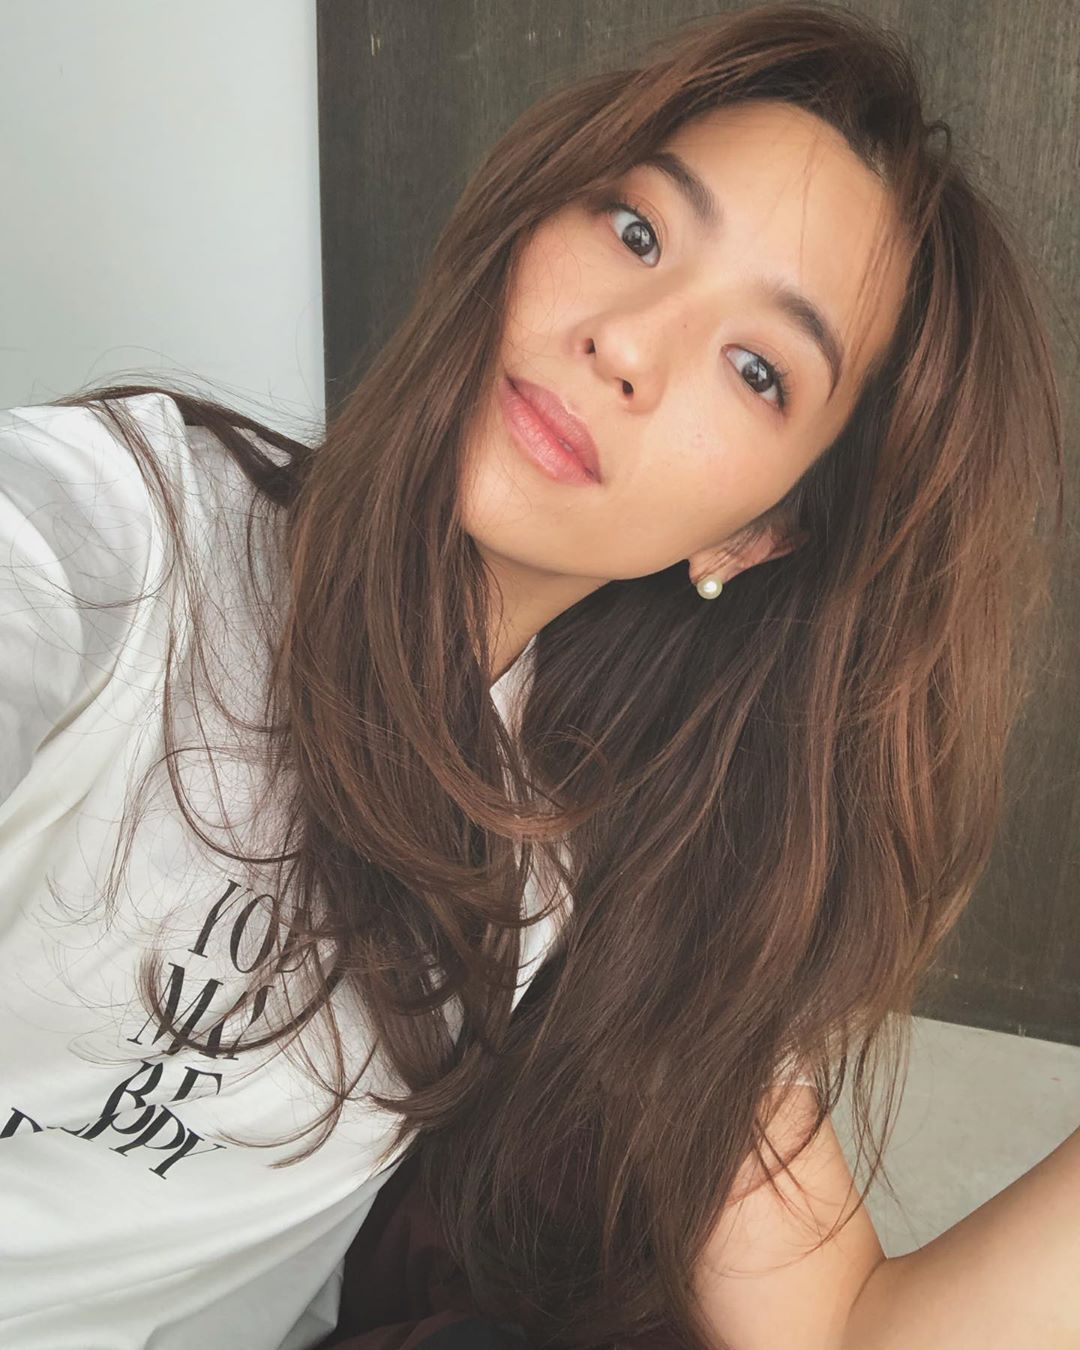 中村 アン On Instagram 髪伸びたなぁ 長いので色は明るめで全体